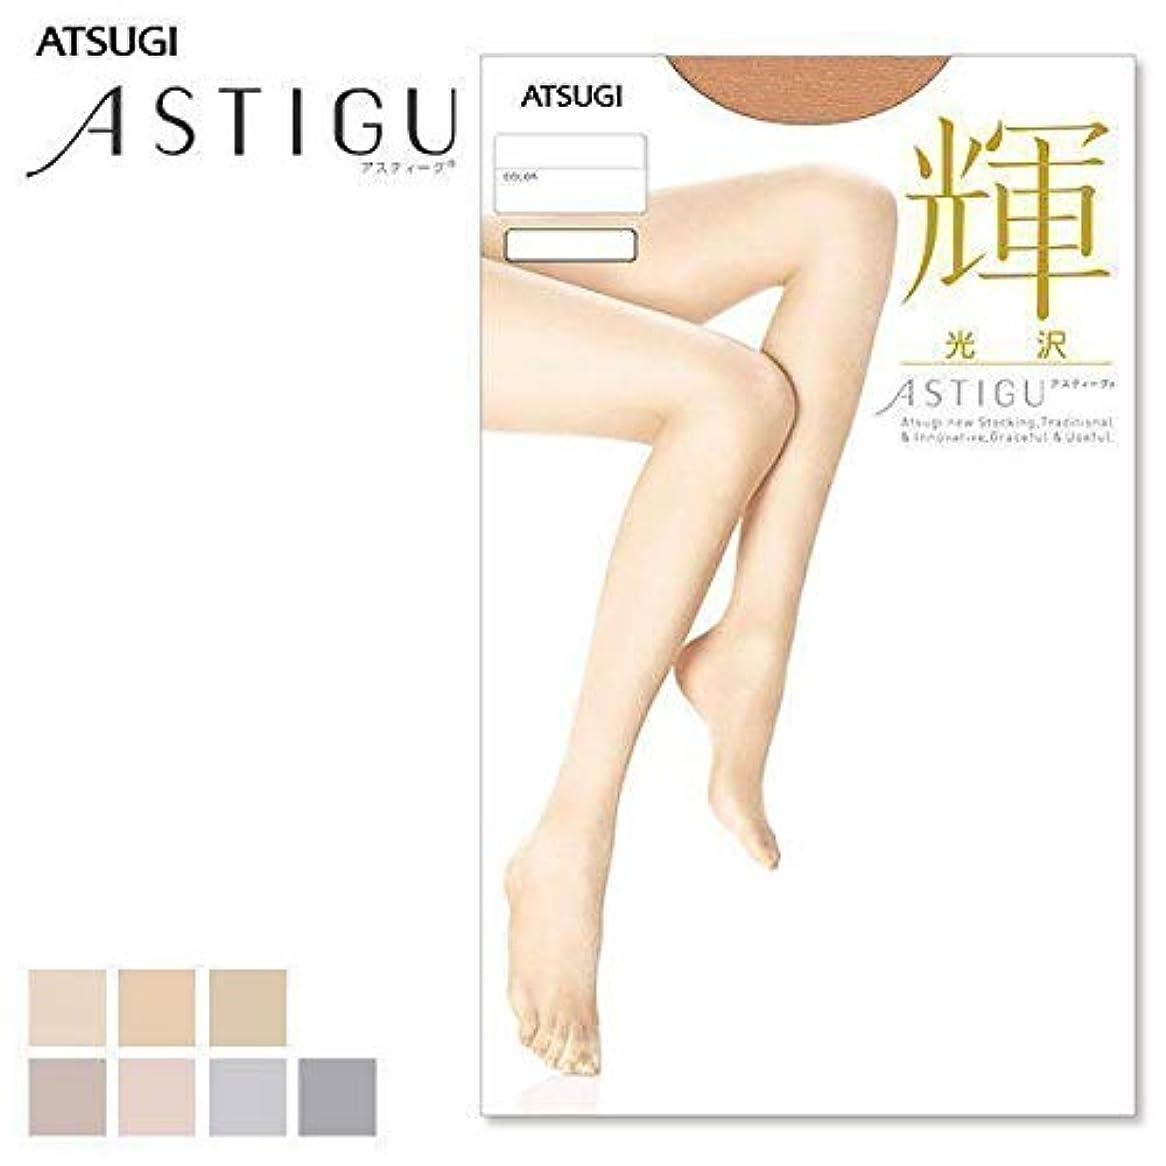 展示会アジャ漫画アツギ ASTIGU(アスティーグ)輝(ヌーディベージュ)サイズ M~L